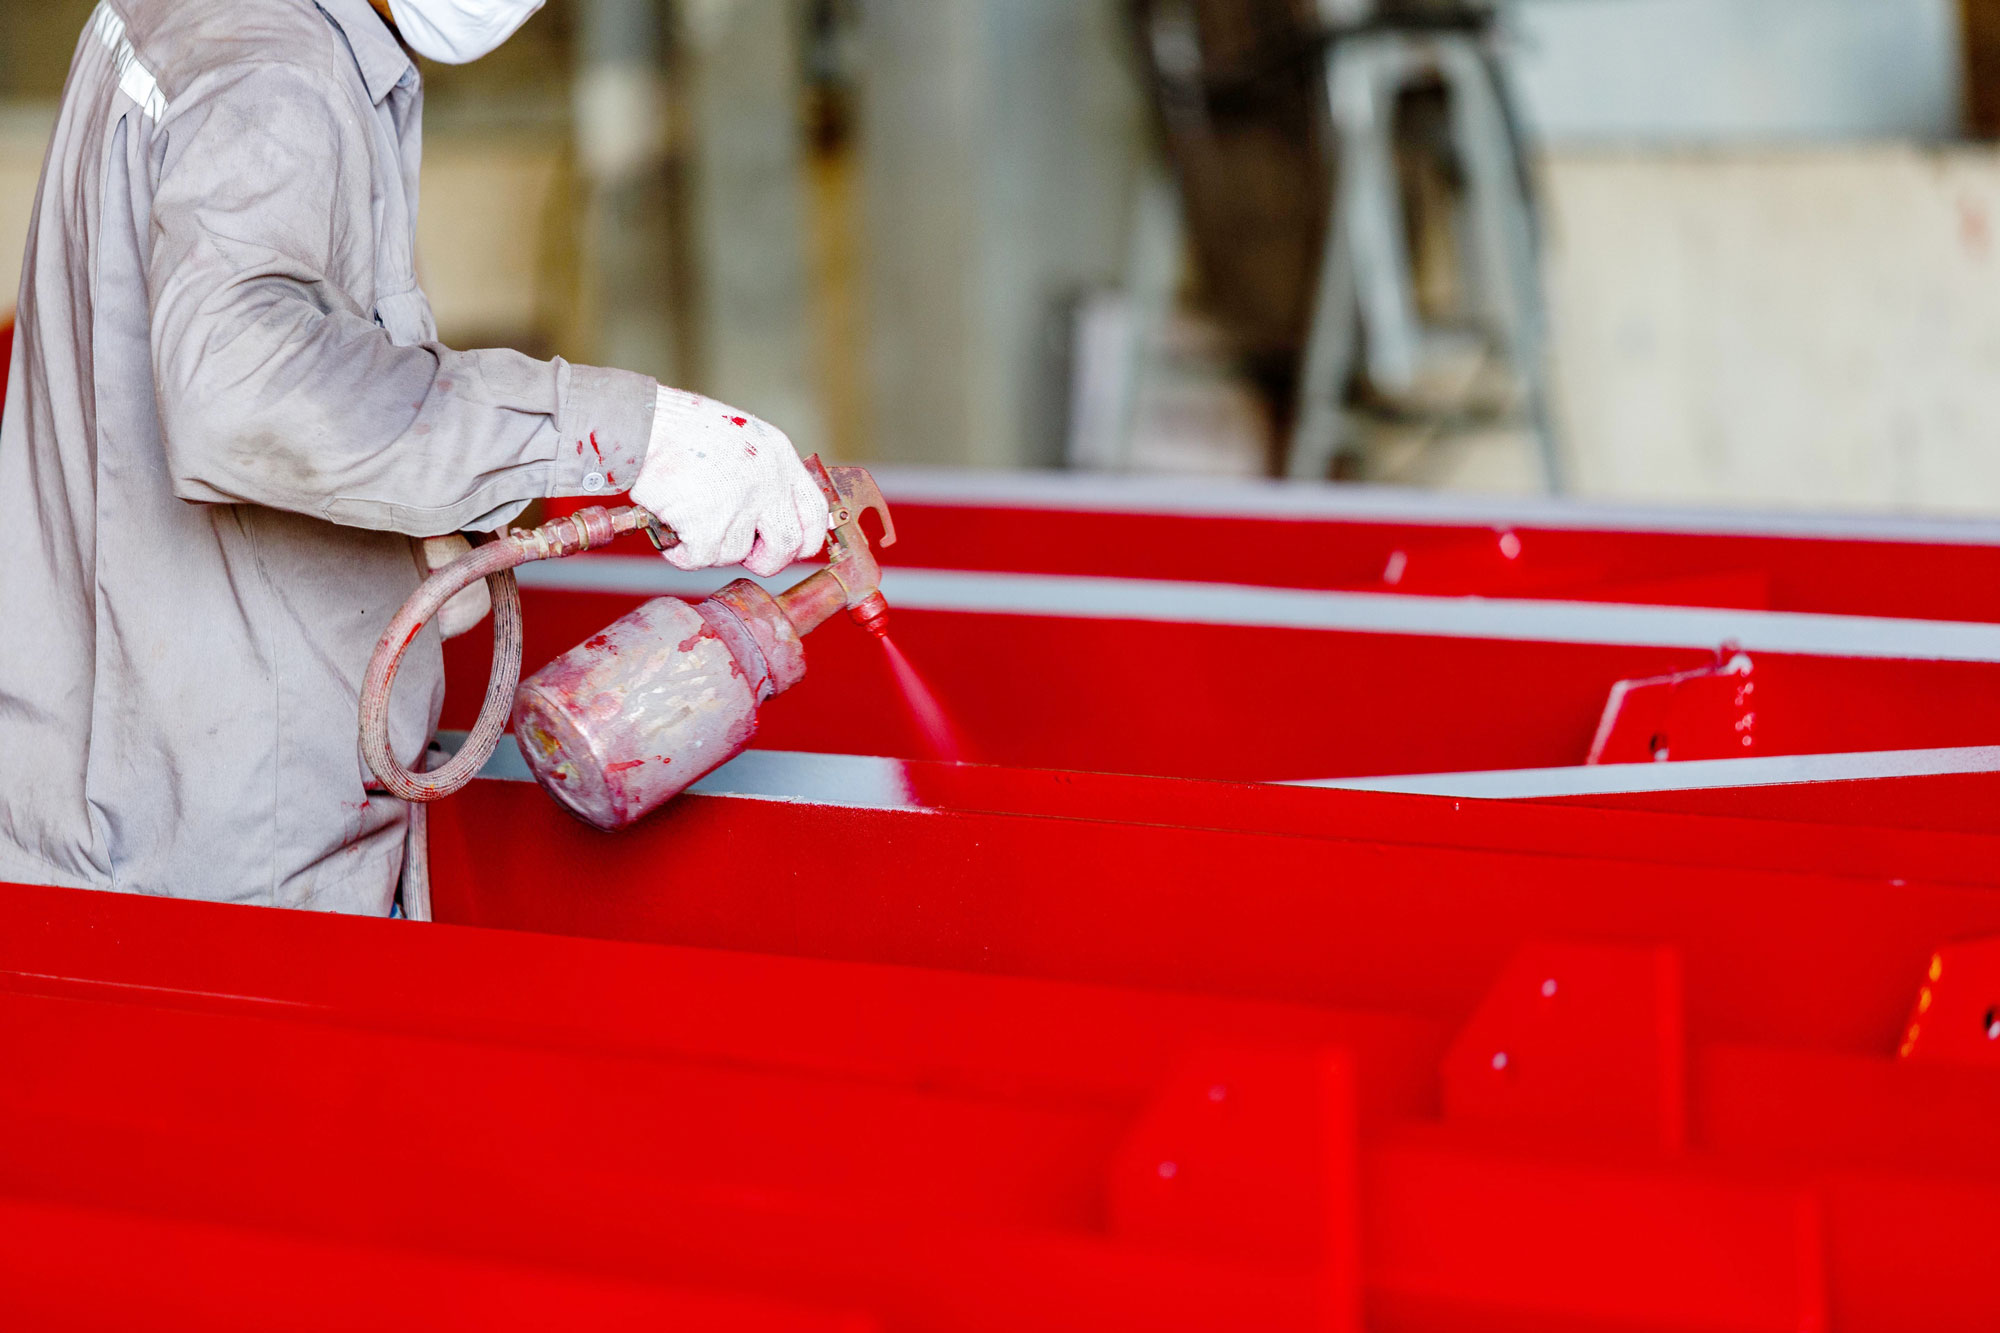 Peinture liquide | Service de peinture / Apprêt | ABM enviro.